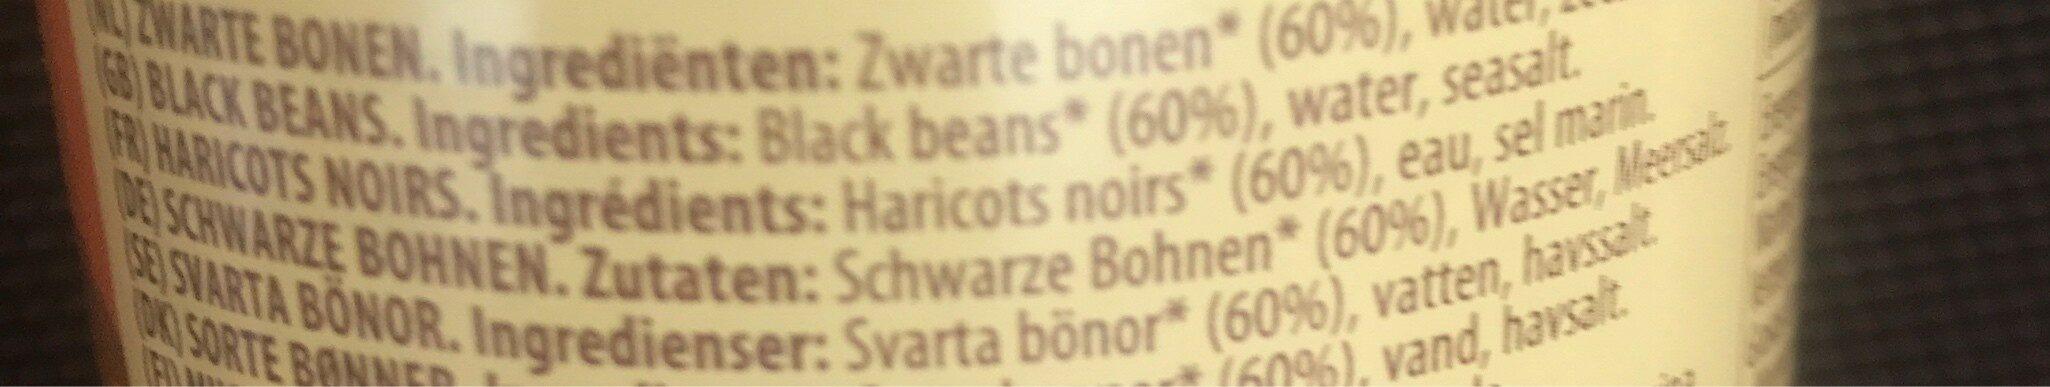 Black Beans - Ingredients - fr